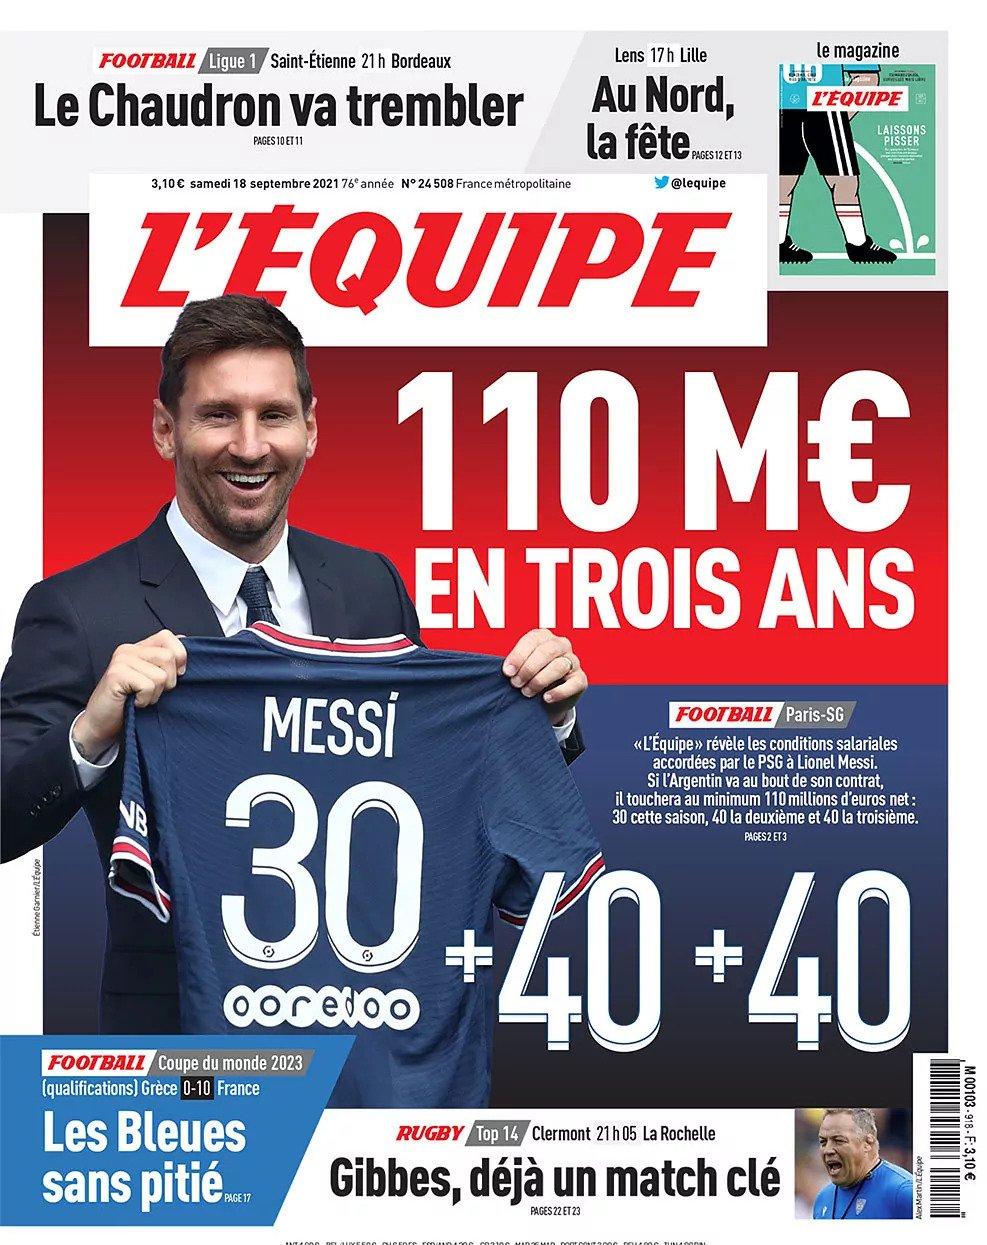 دستمزد مسی در پاریس لو رفت/عکس